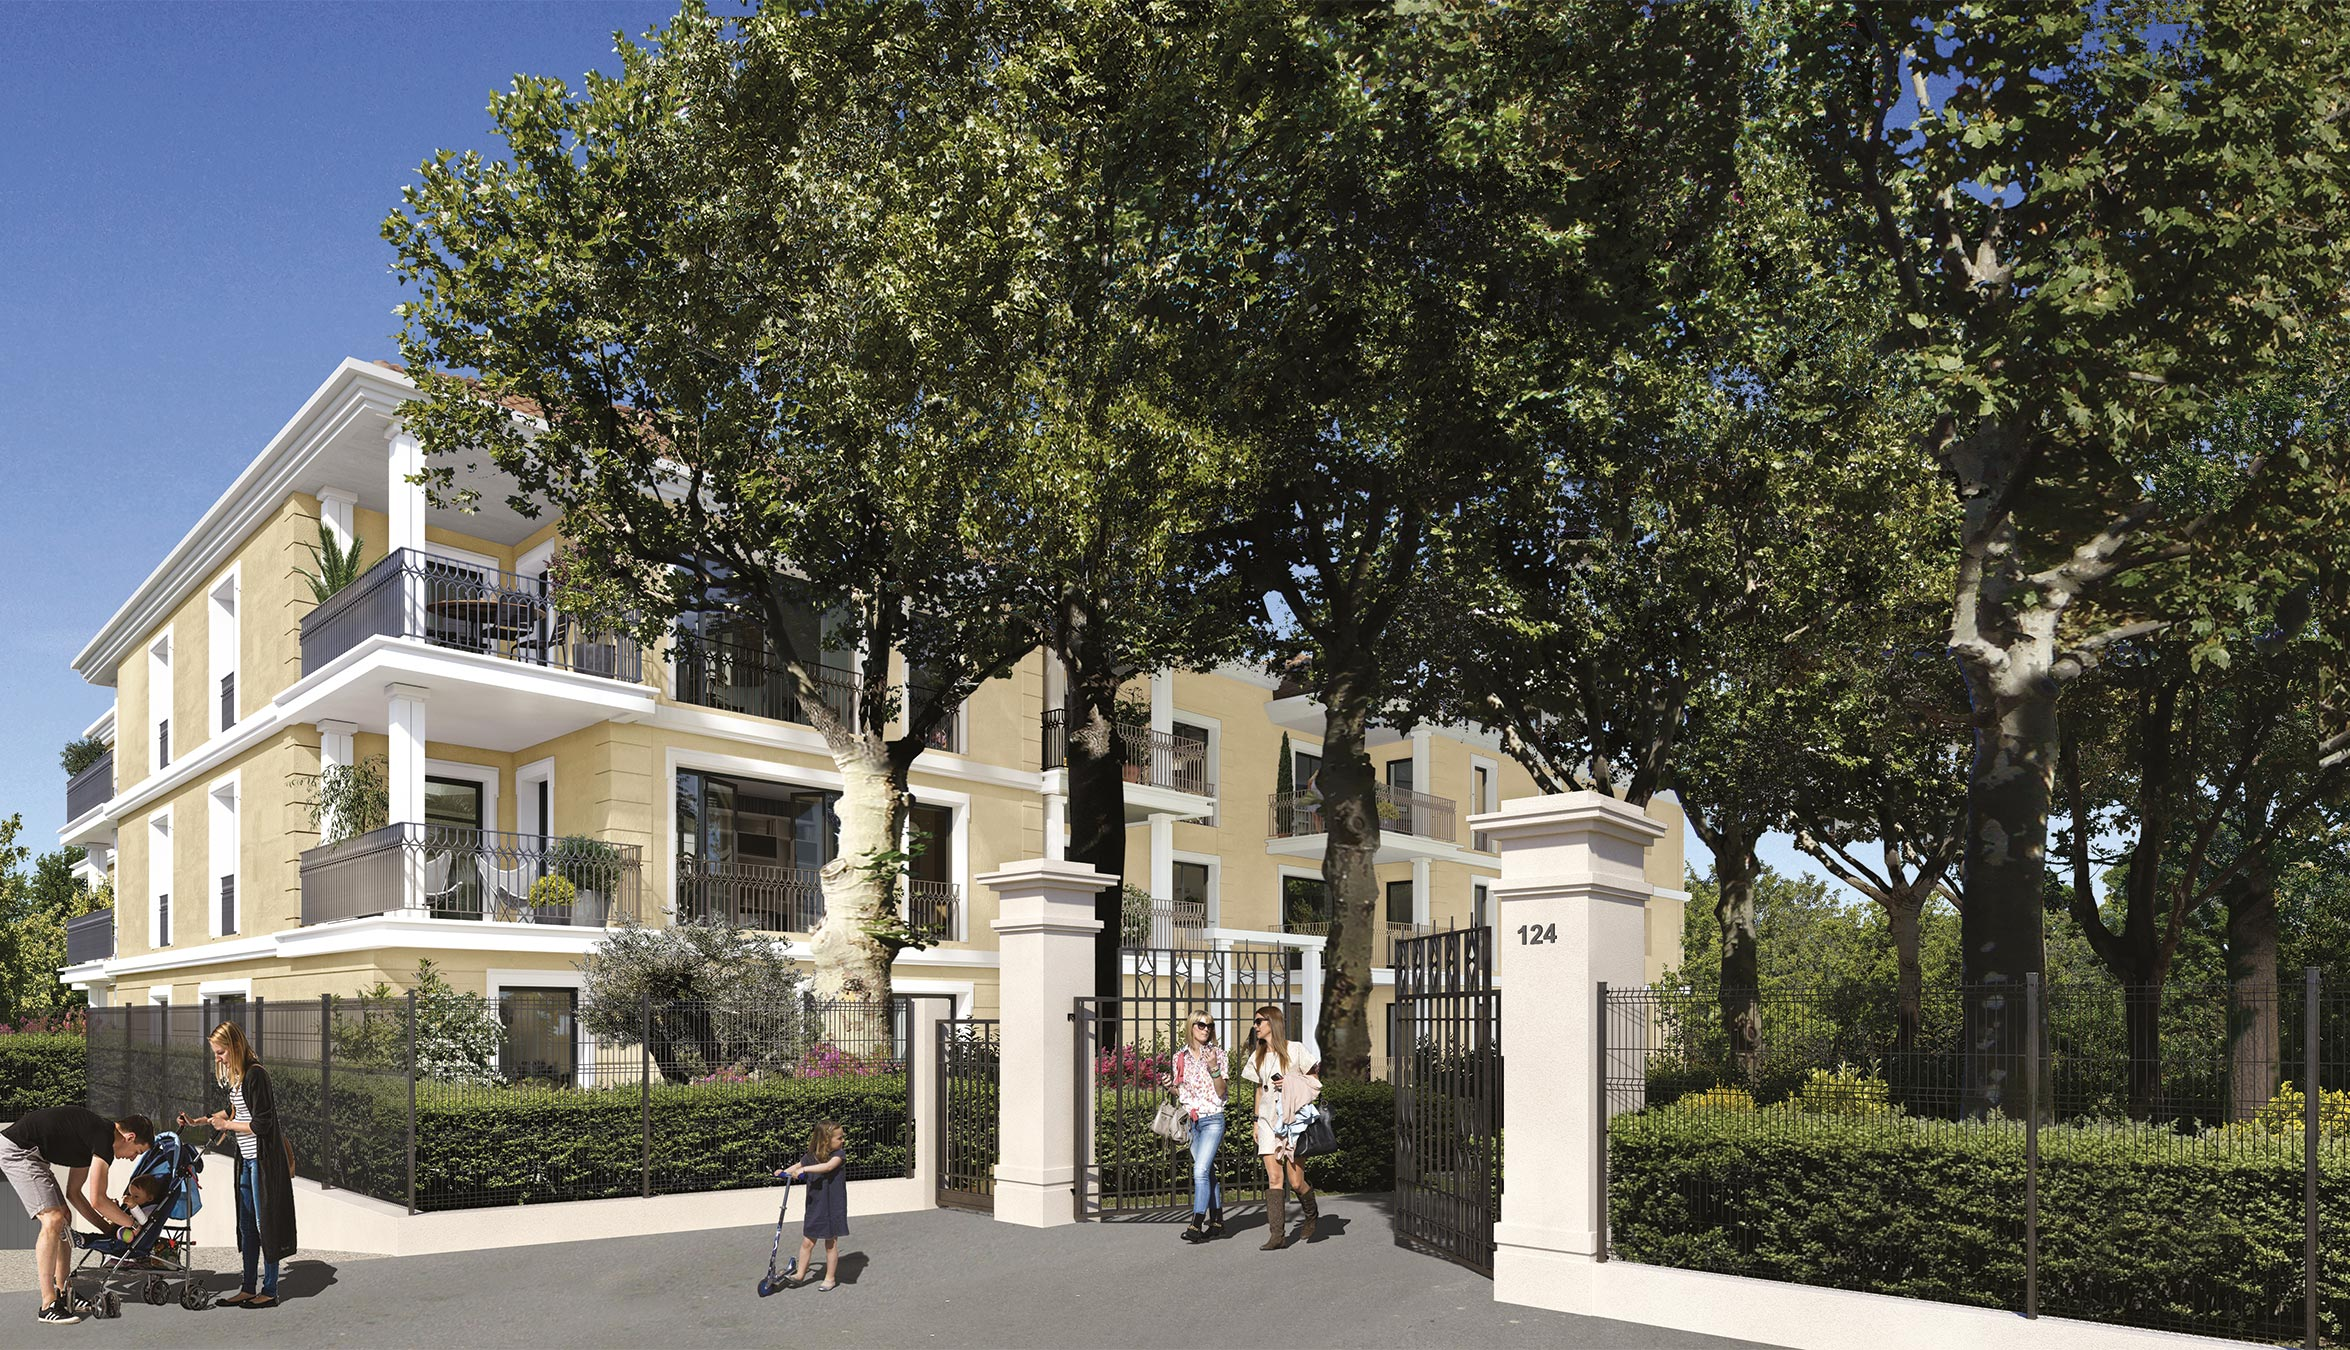 Programme immobilier ALT105 appartement à Aix-En-Provence (13100) À 8 min du centre-ville